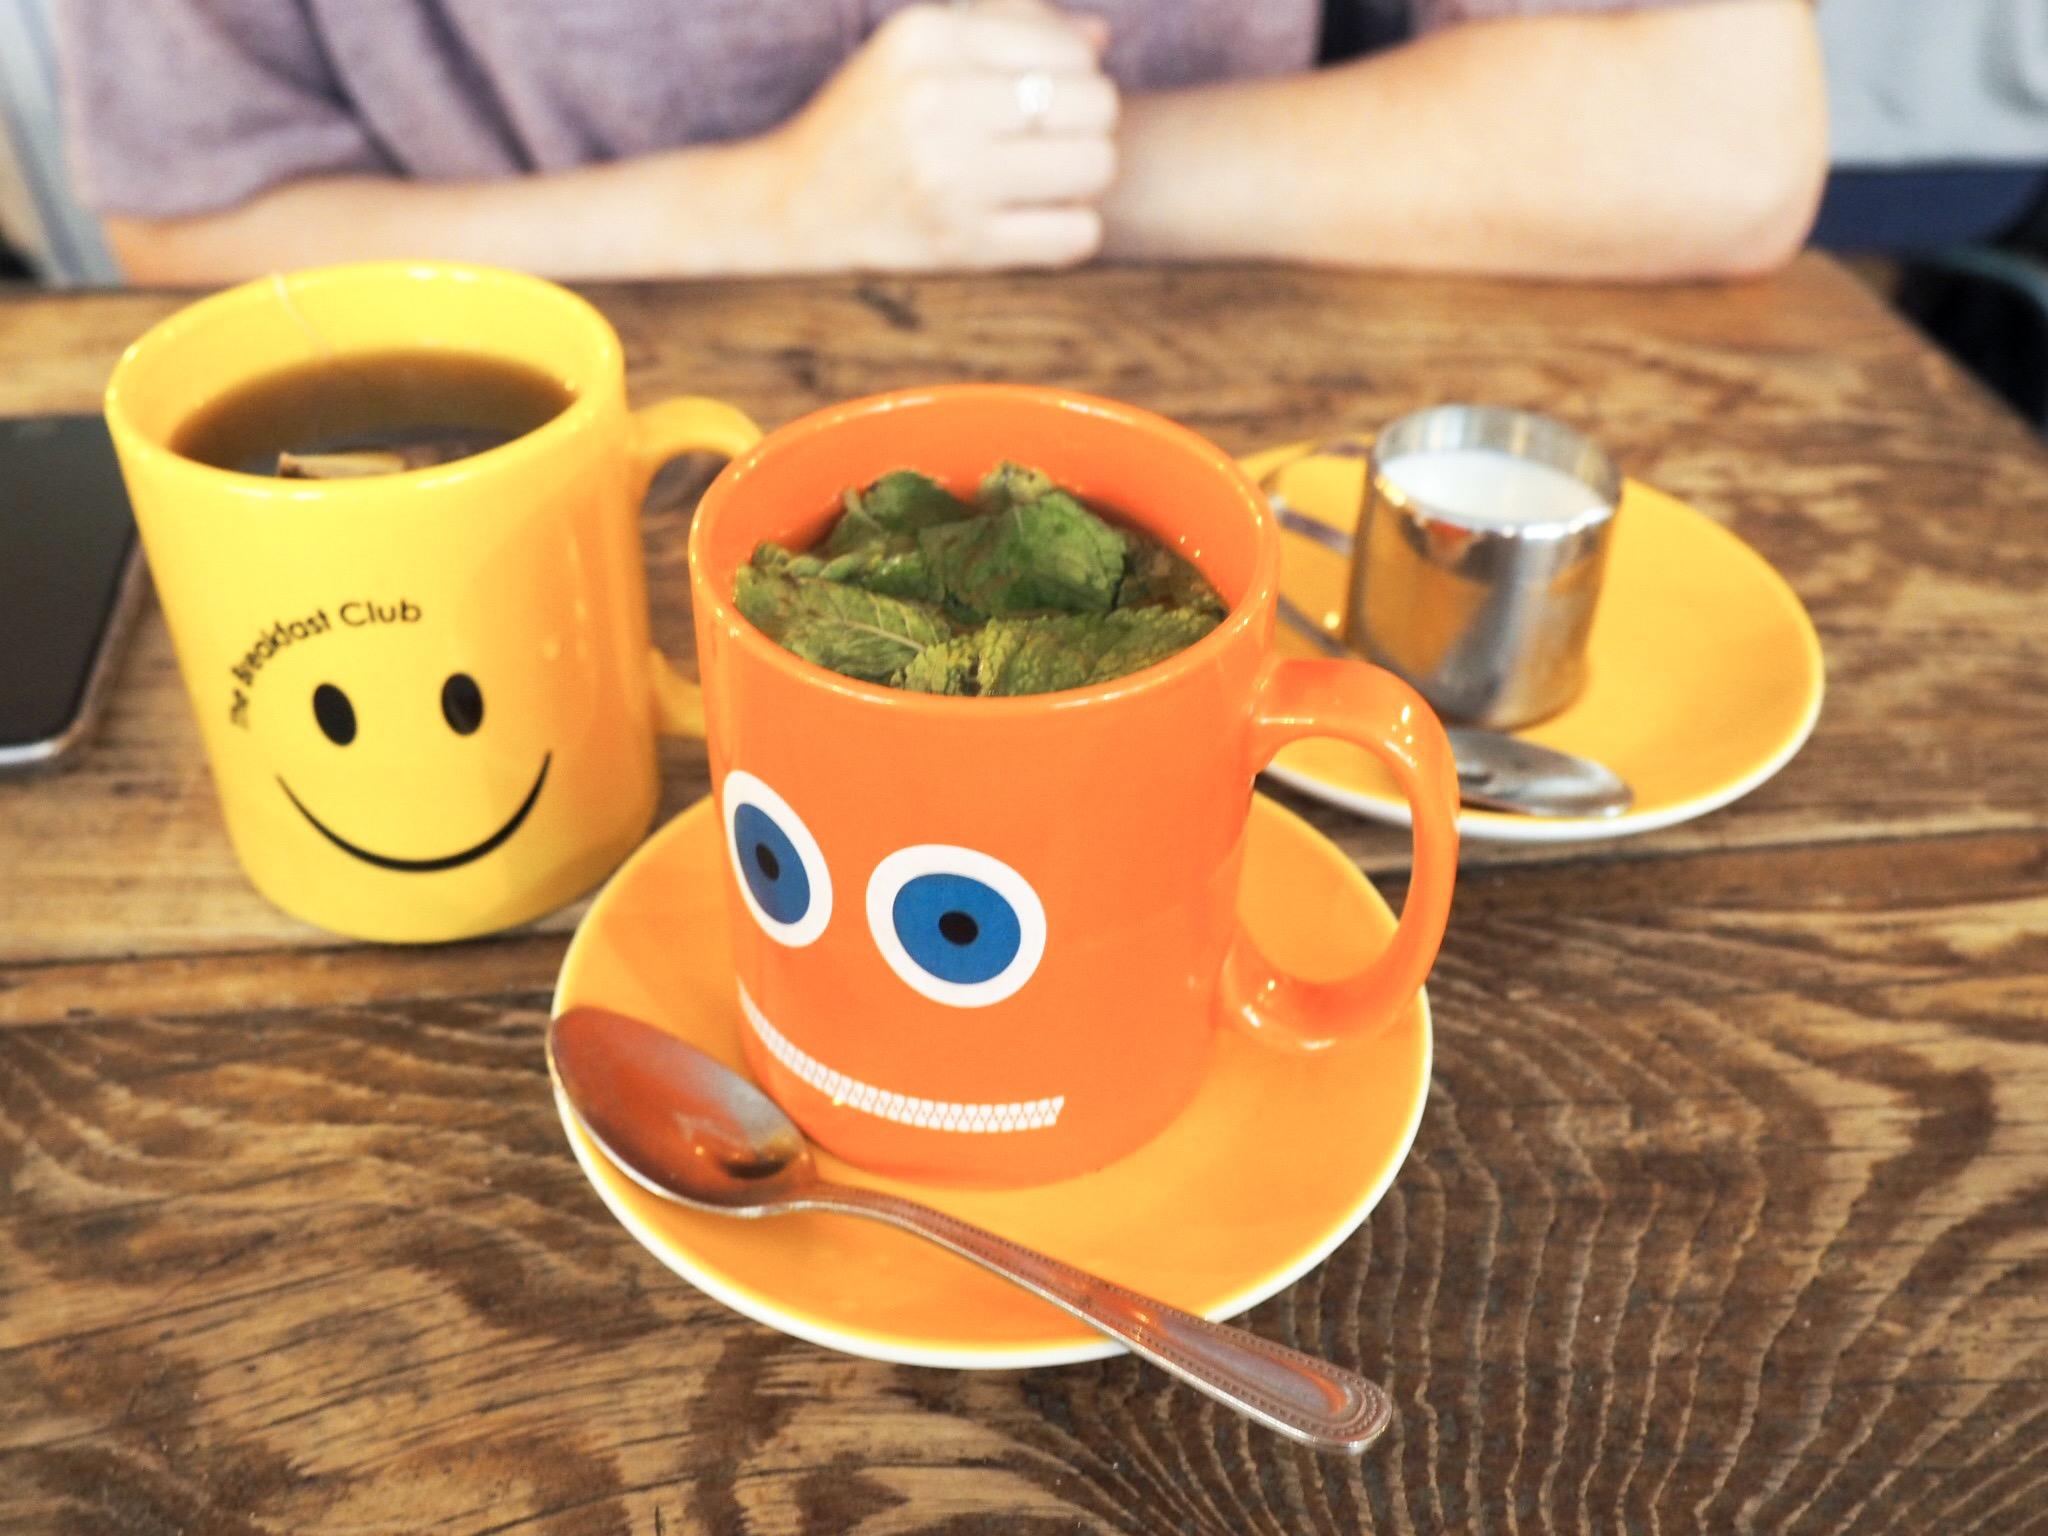 The Breakfast Club mint tea